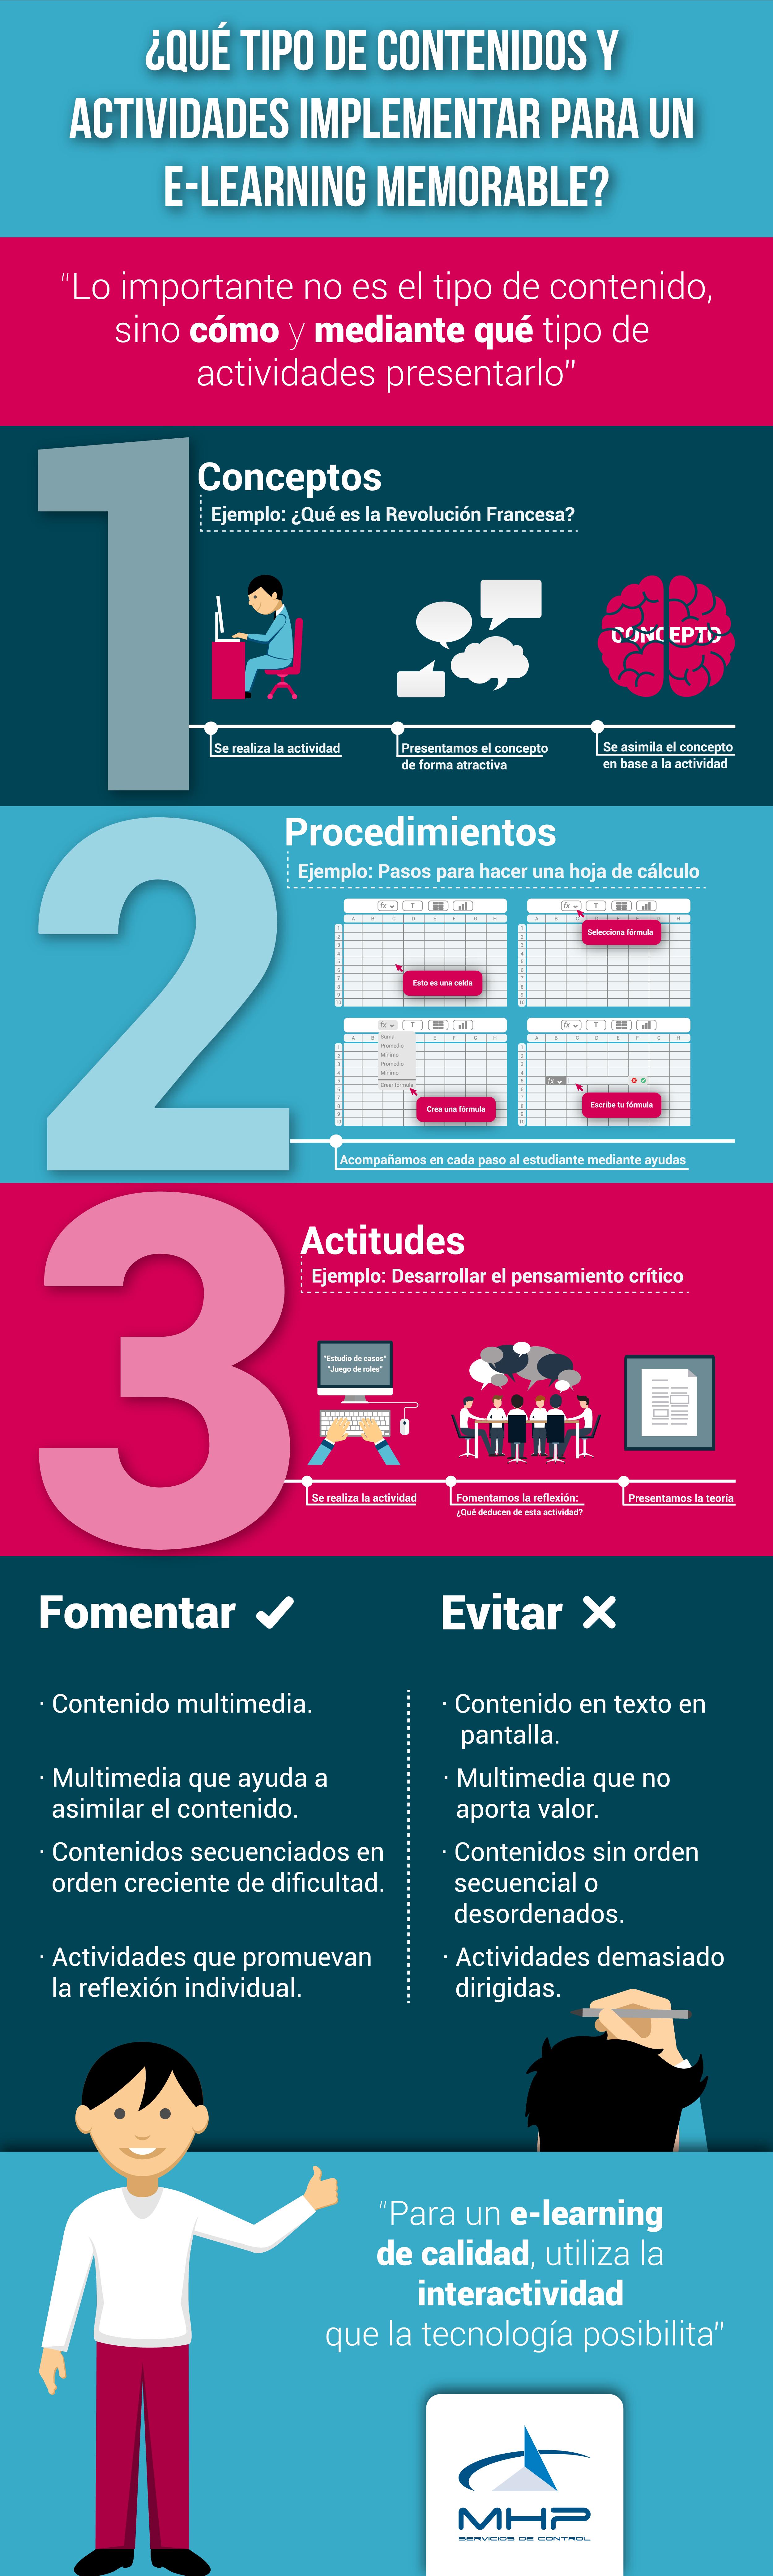 Contenidos y actividades para en eLearning memorable #infografia #infographic #education